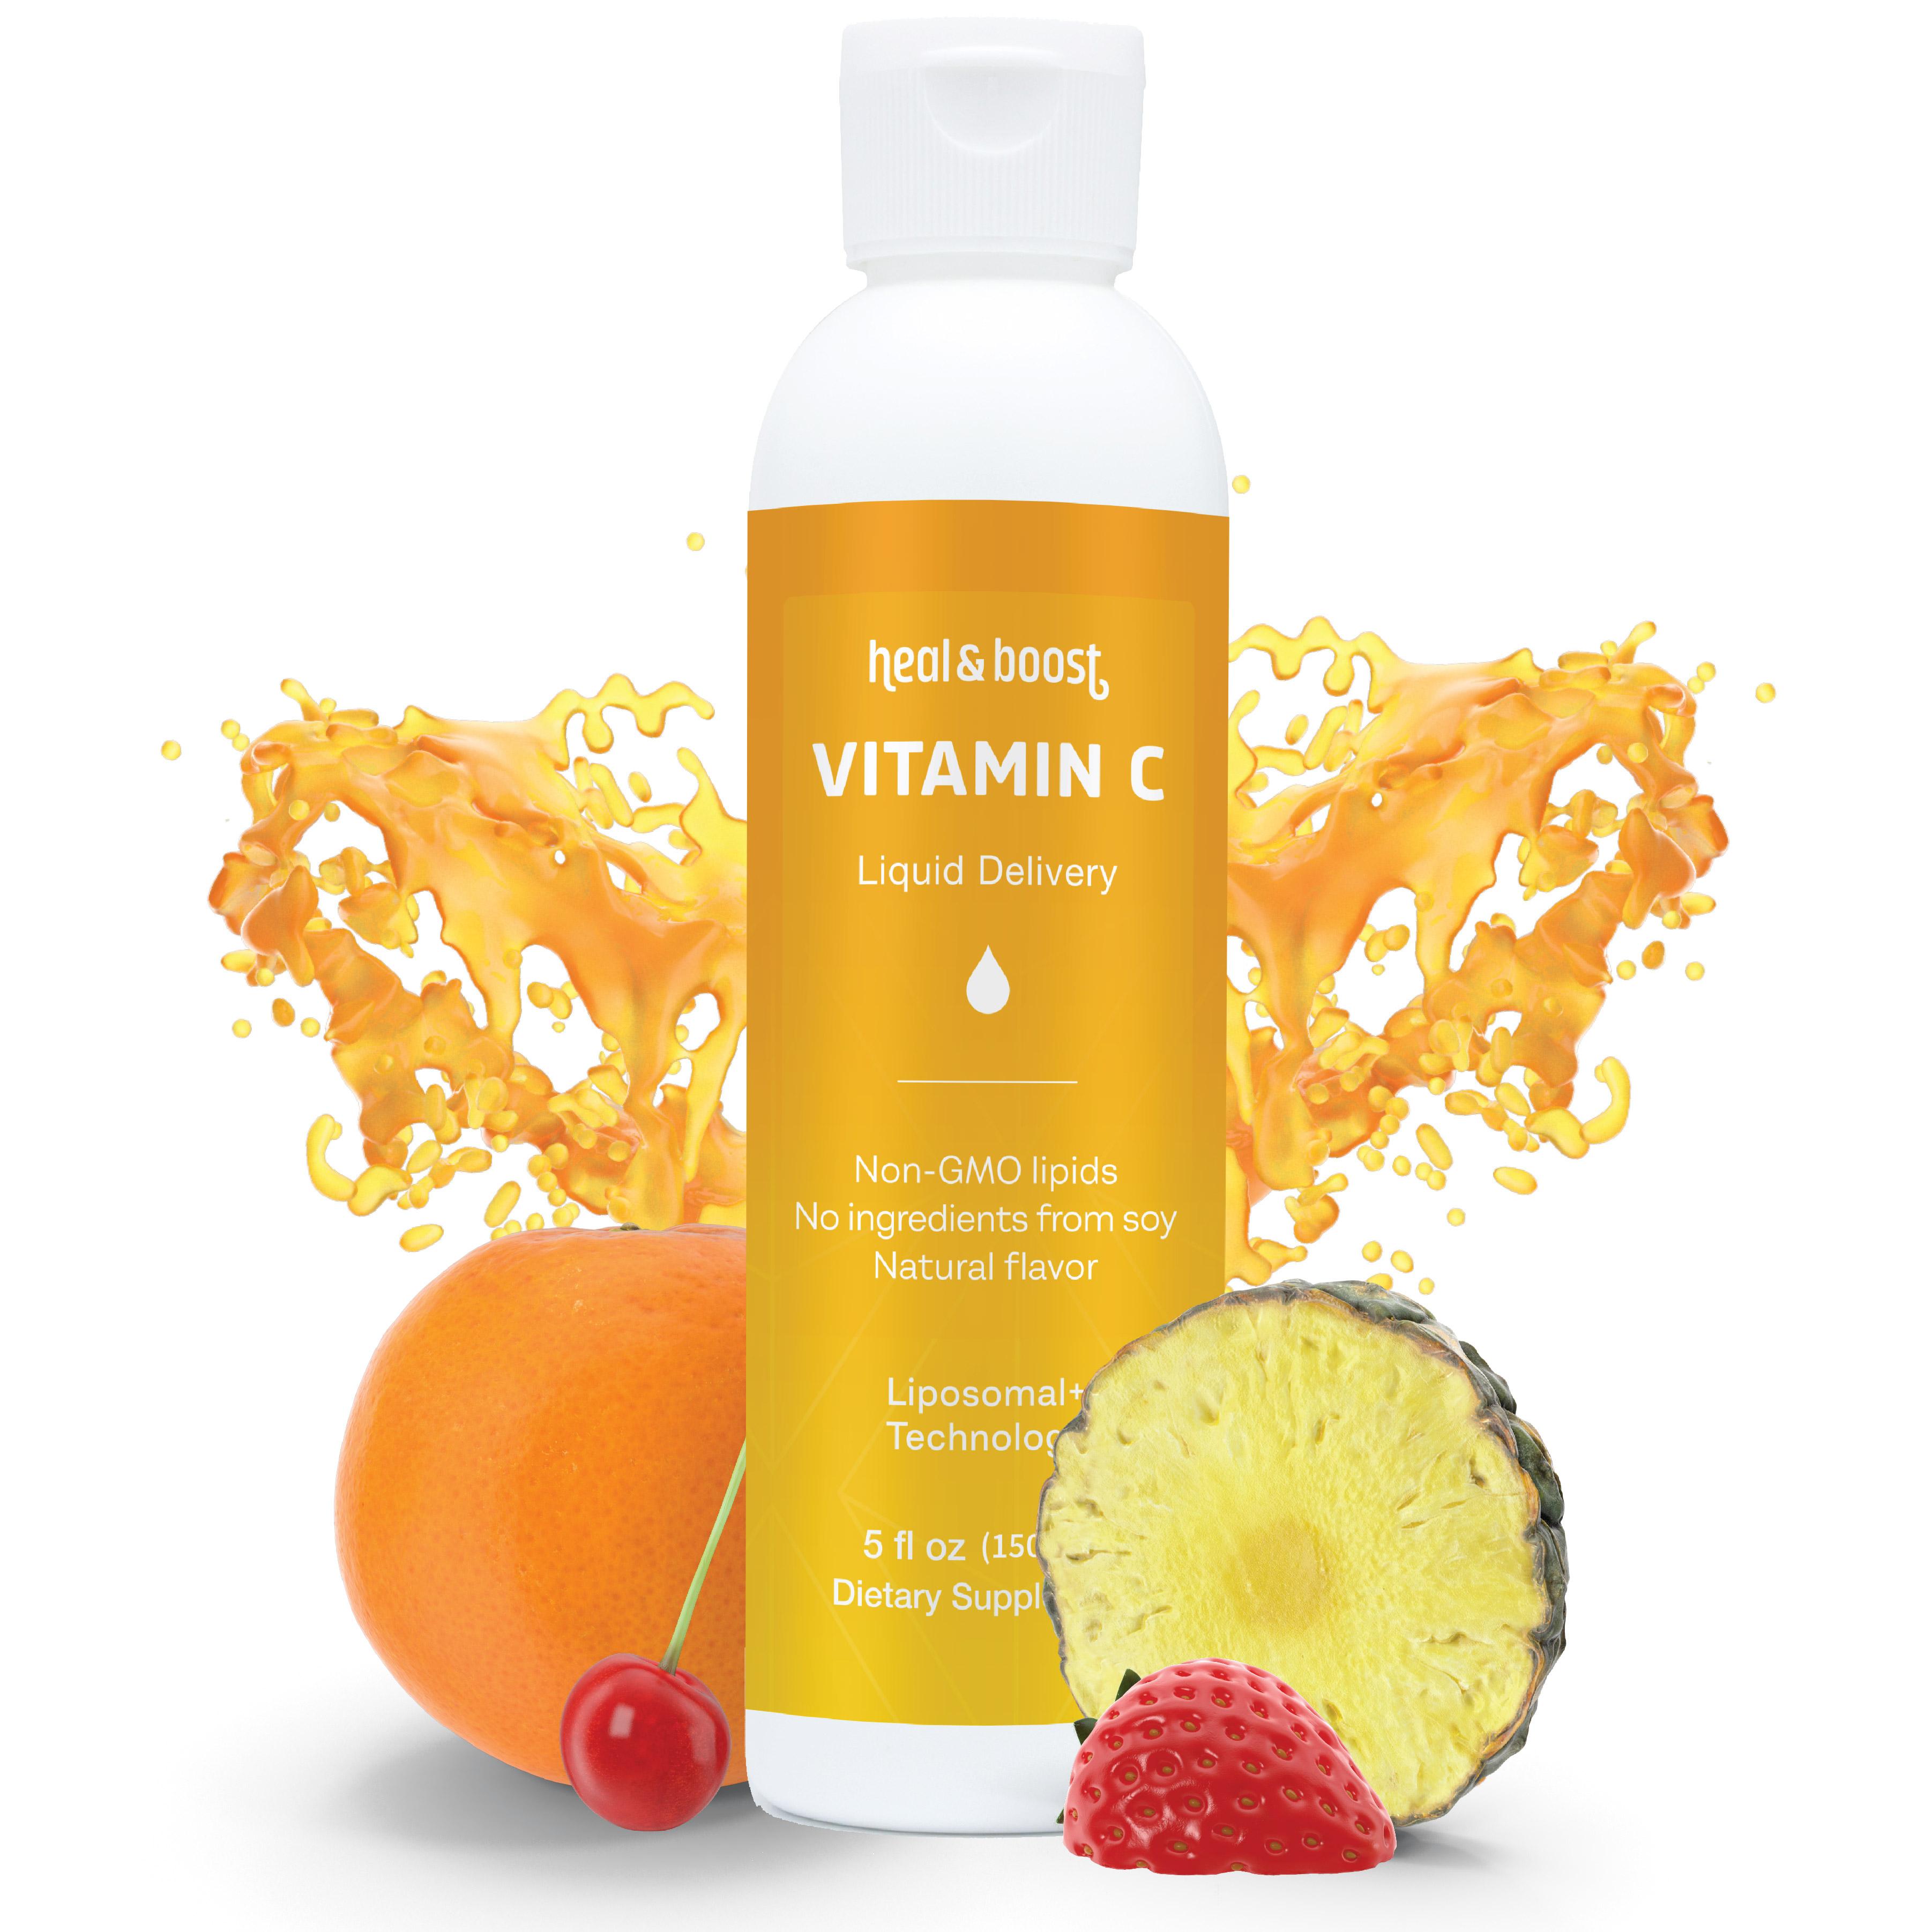 High absorbing vitamin c liposomal product bottle